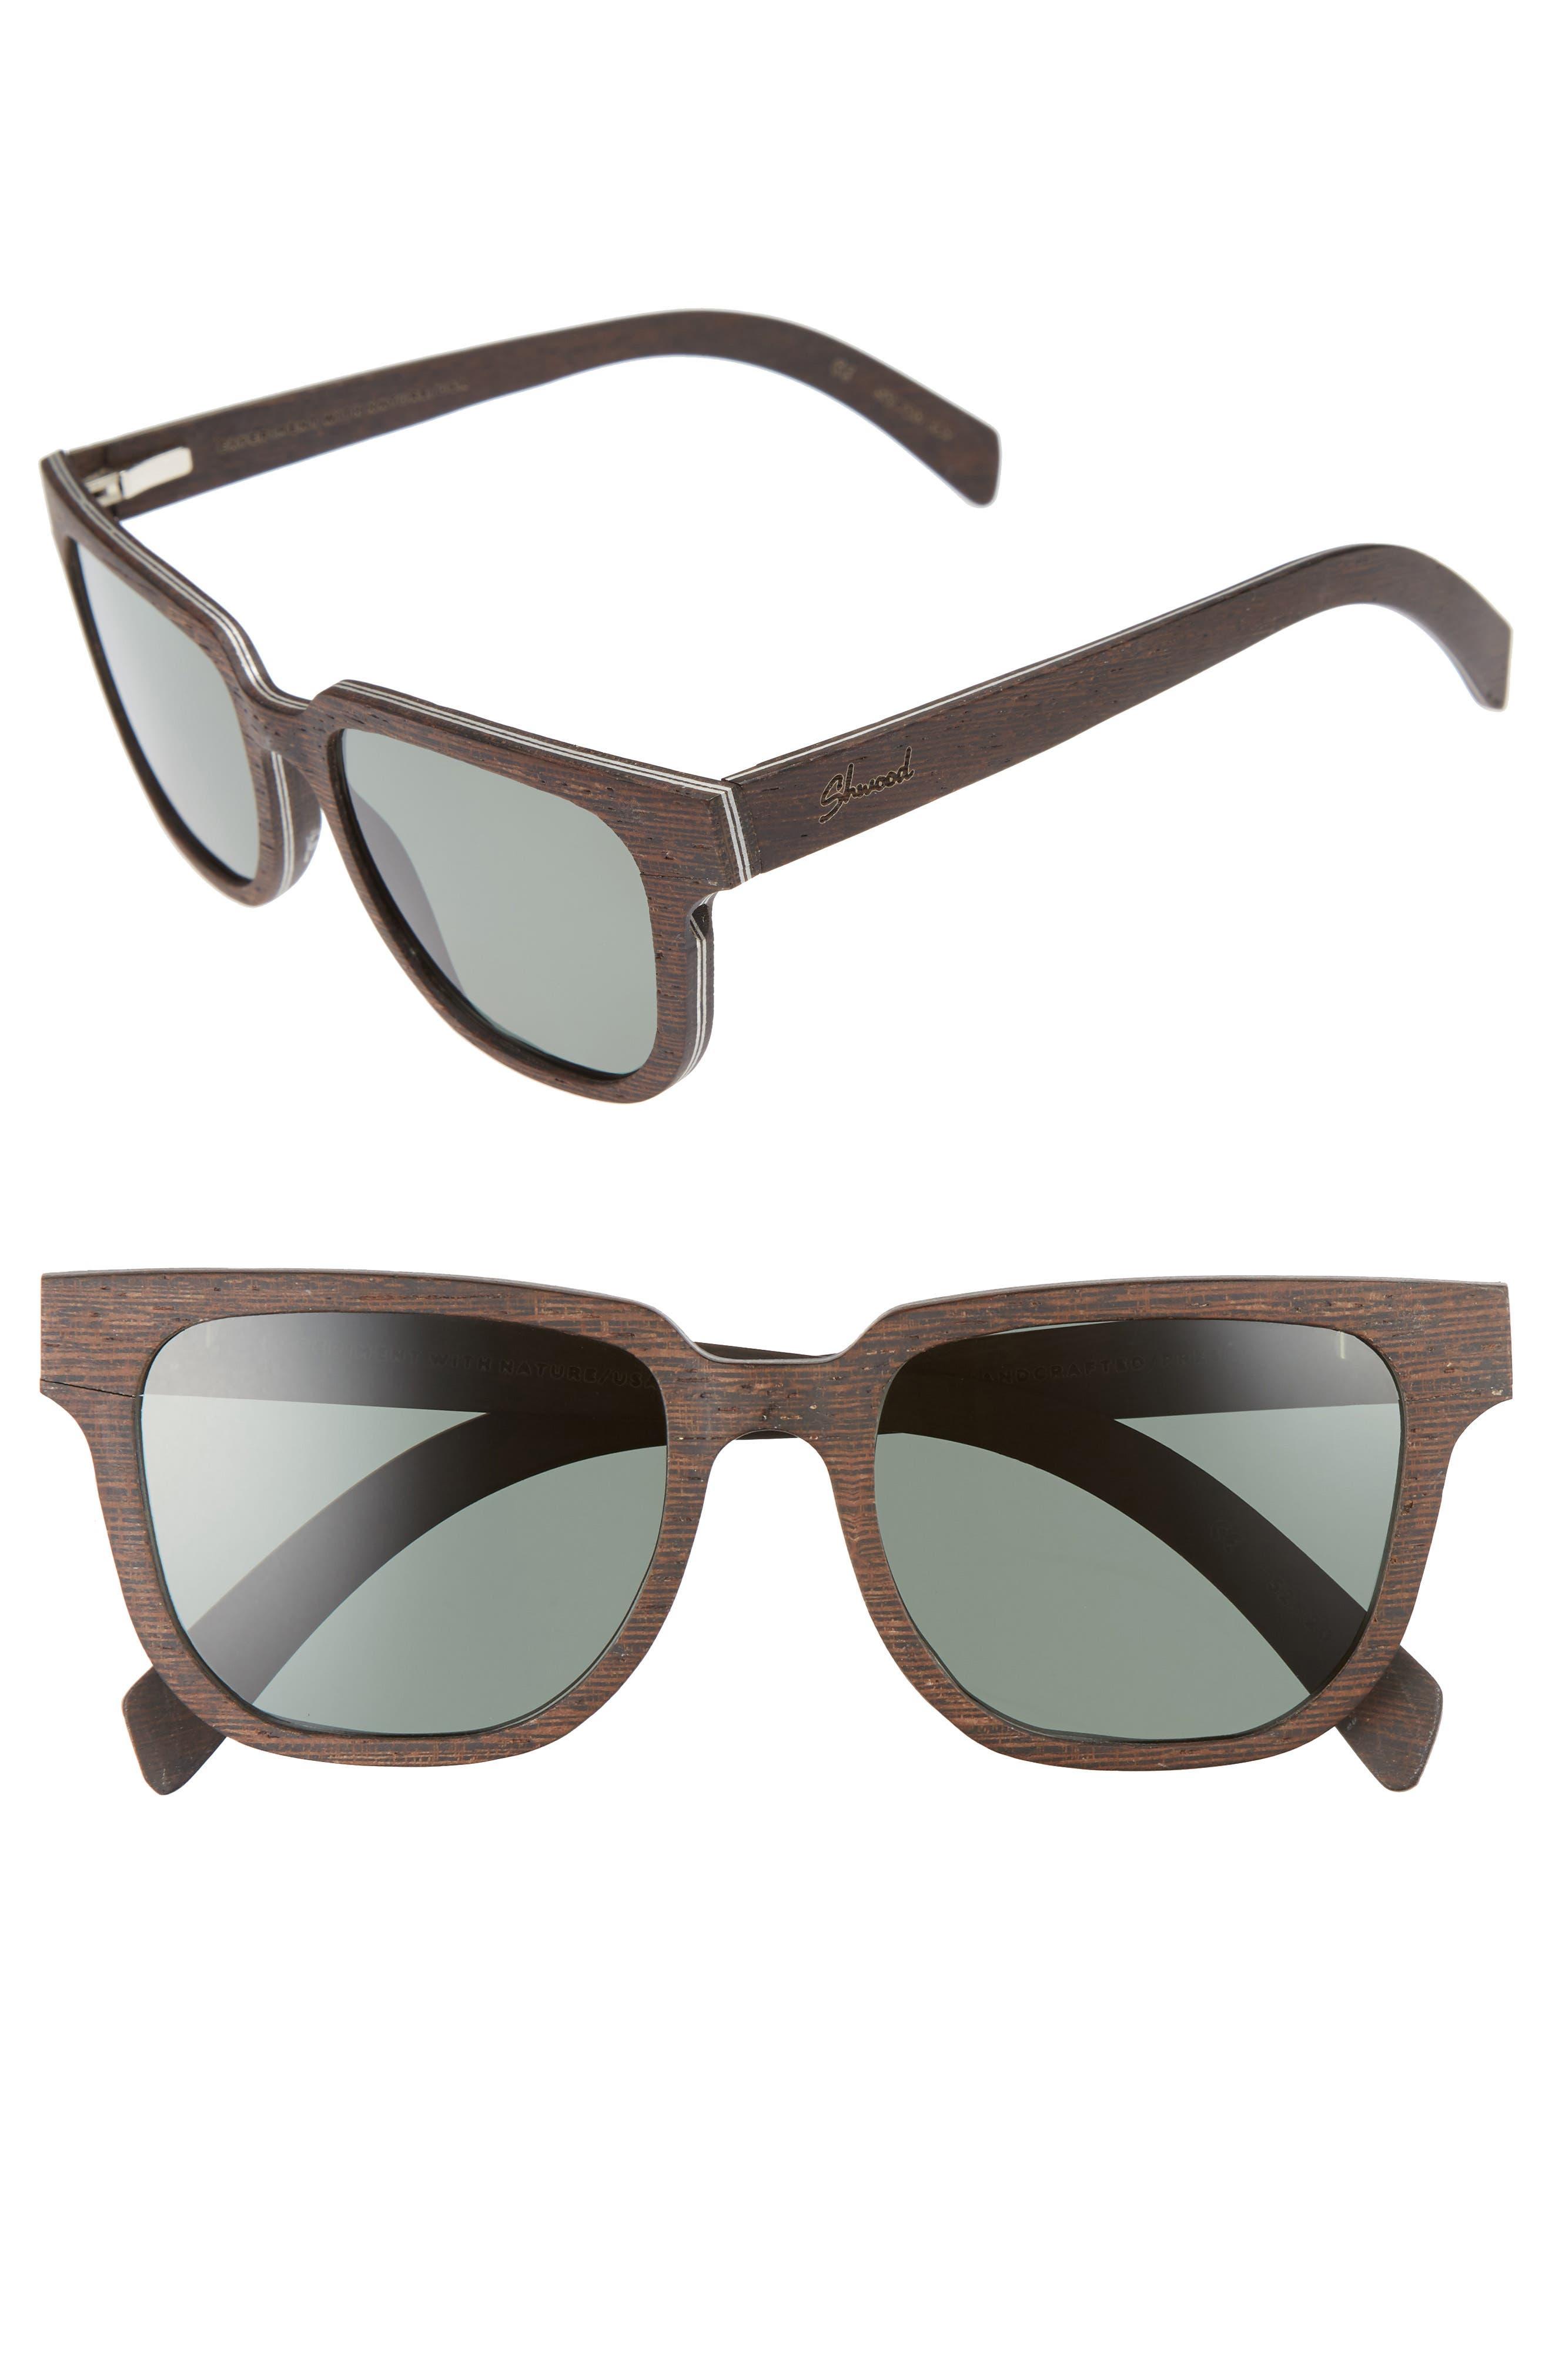 Prescott 52mm Polarized Walnut Wood Sunglasses,                         Main,                         color, DARK WALNUT/ G15